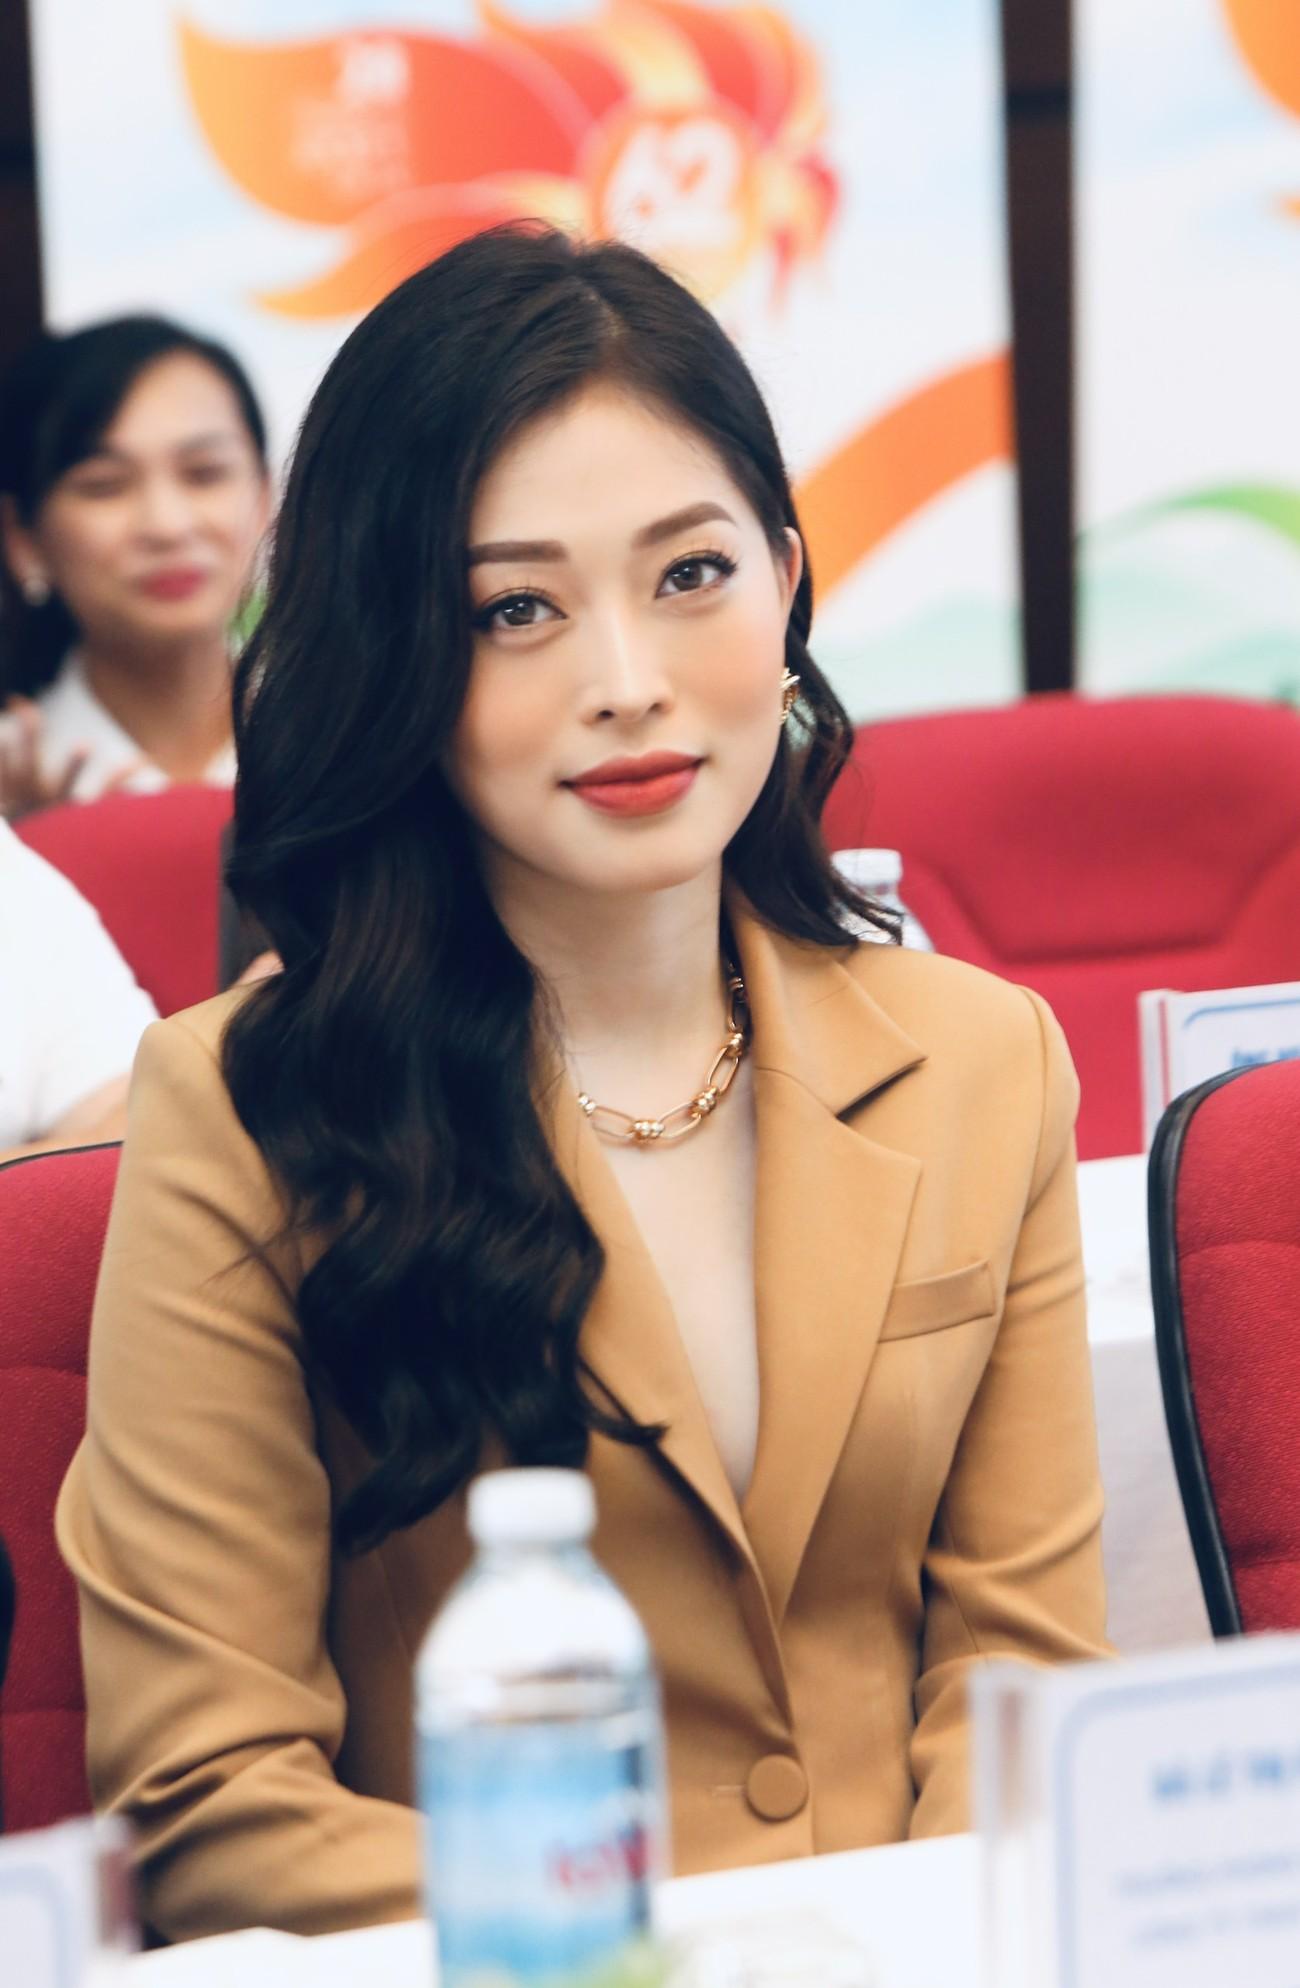 Hoa hậu Đỗ Mỹ Linh xinh đẹp rạng rỡ tại họp báo Tiền Phong Marathon 2021 ảnh 7